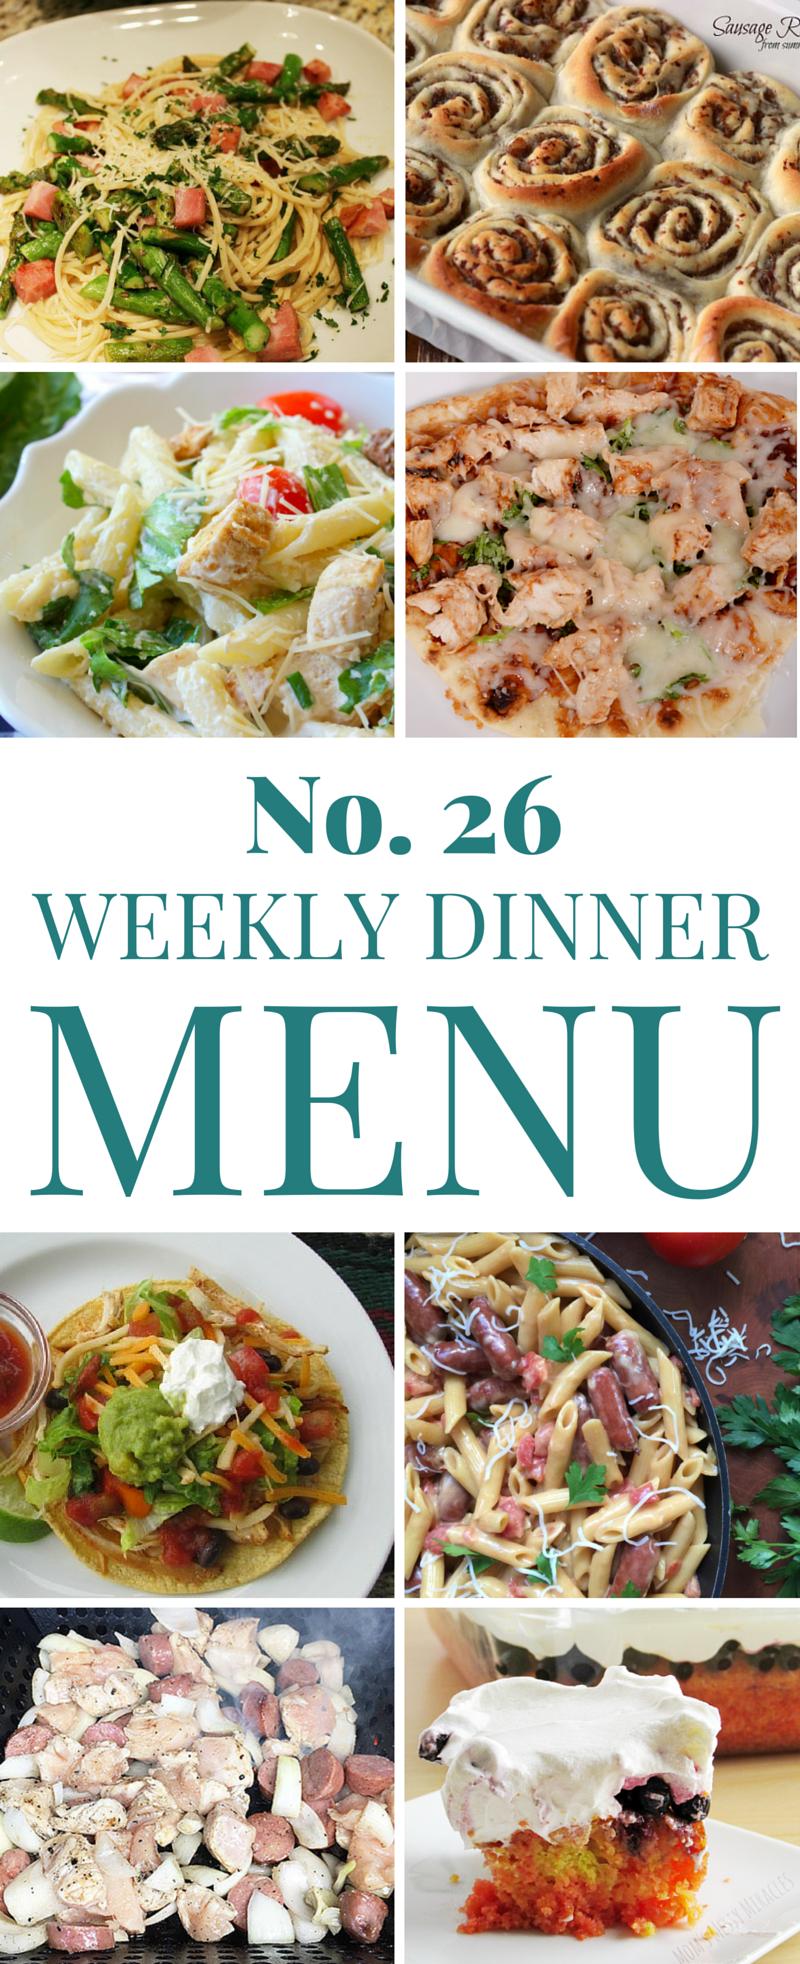 Weekly Summer dinner ideas Menu 26